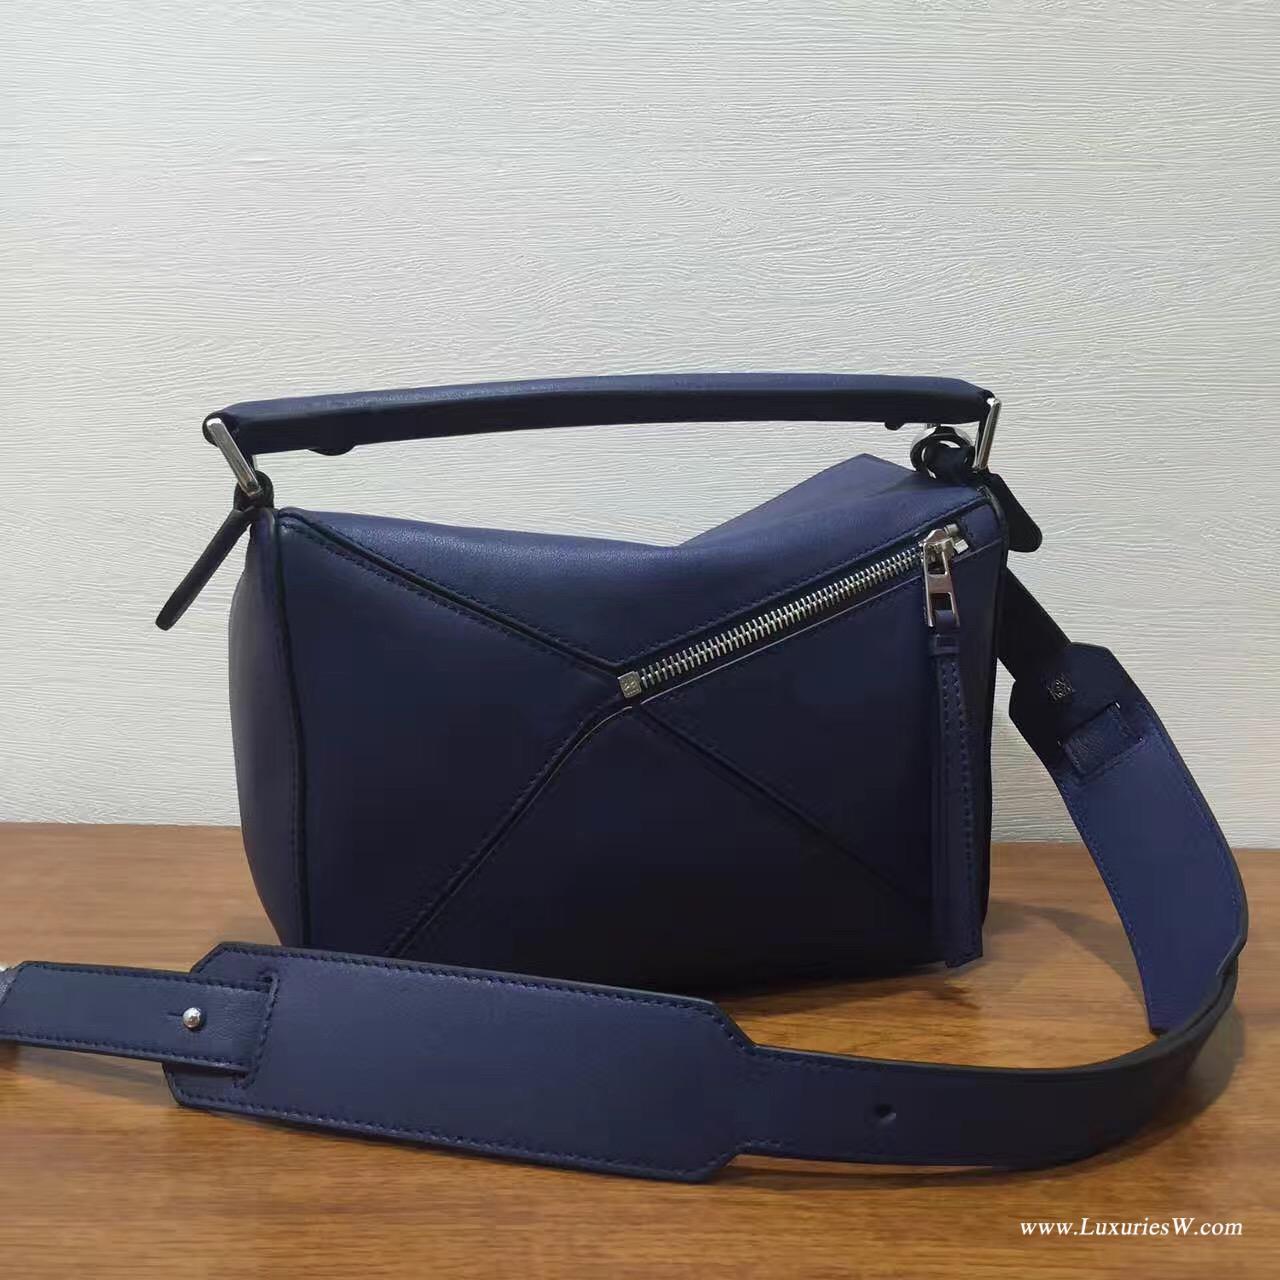 羅意威LOEWE包包 Mini Puzzle Bag 深蓝色 長方體形狀 折疊幾何包